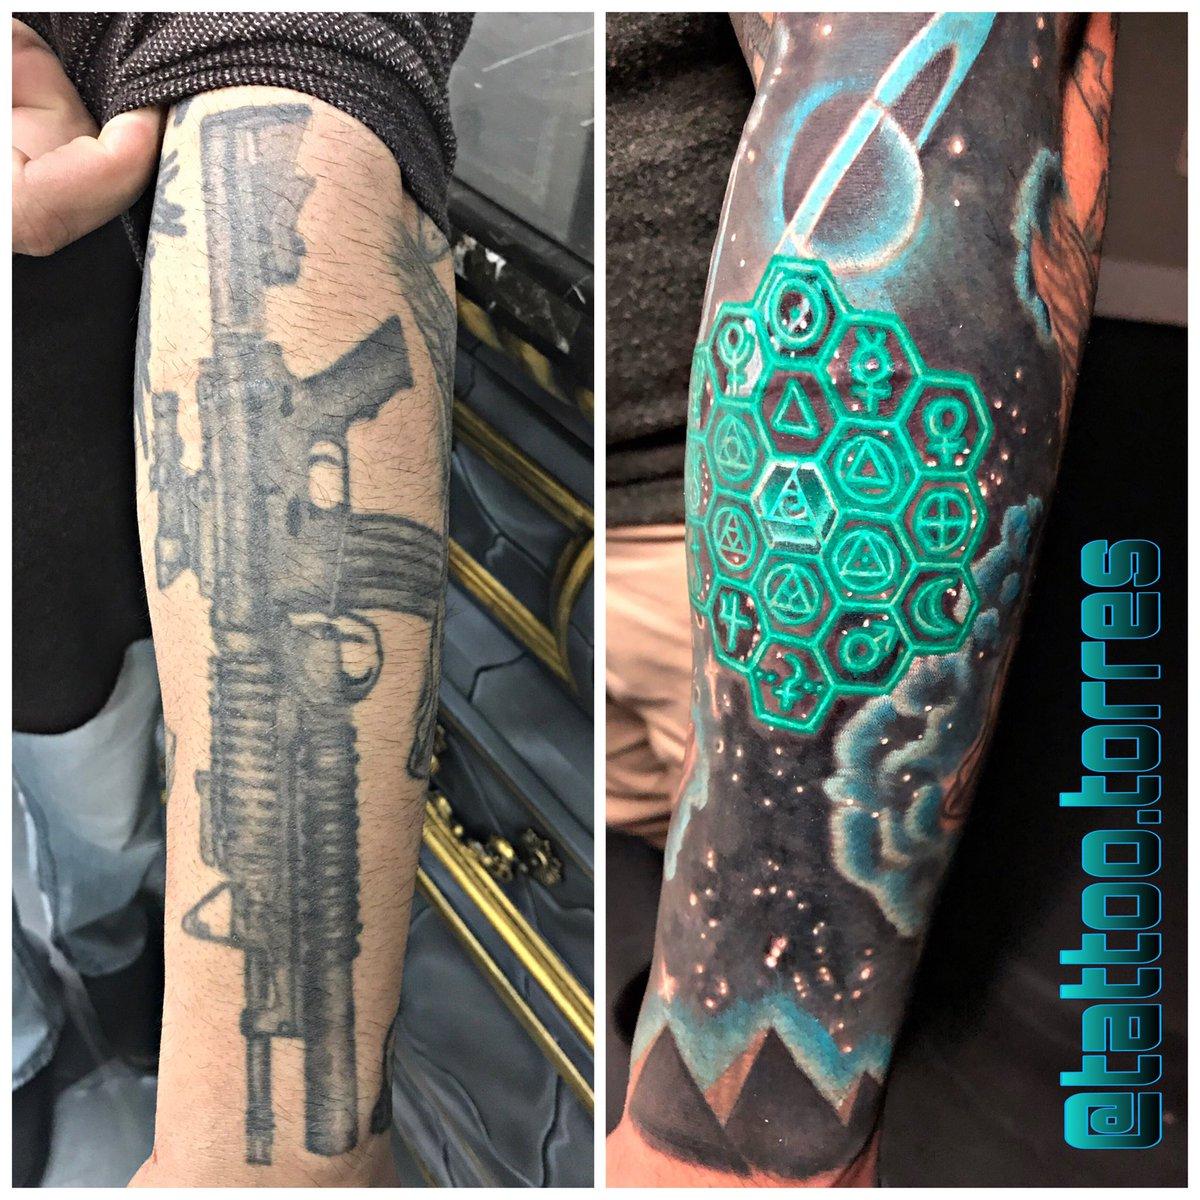 #tattoocoverup taking appointments. #inkfix #tattoohelp #tattoocover #tattoocoverups #galaxytattoo #galaxy #alian #pyramids #tattootorres #glow #saturntattoo #saturn